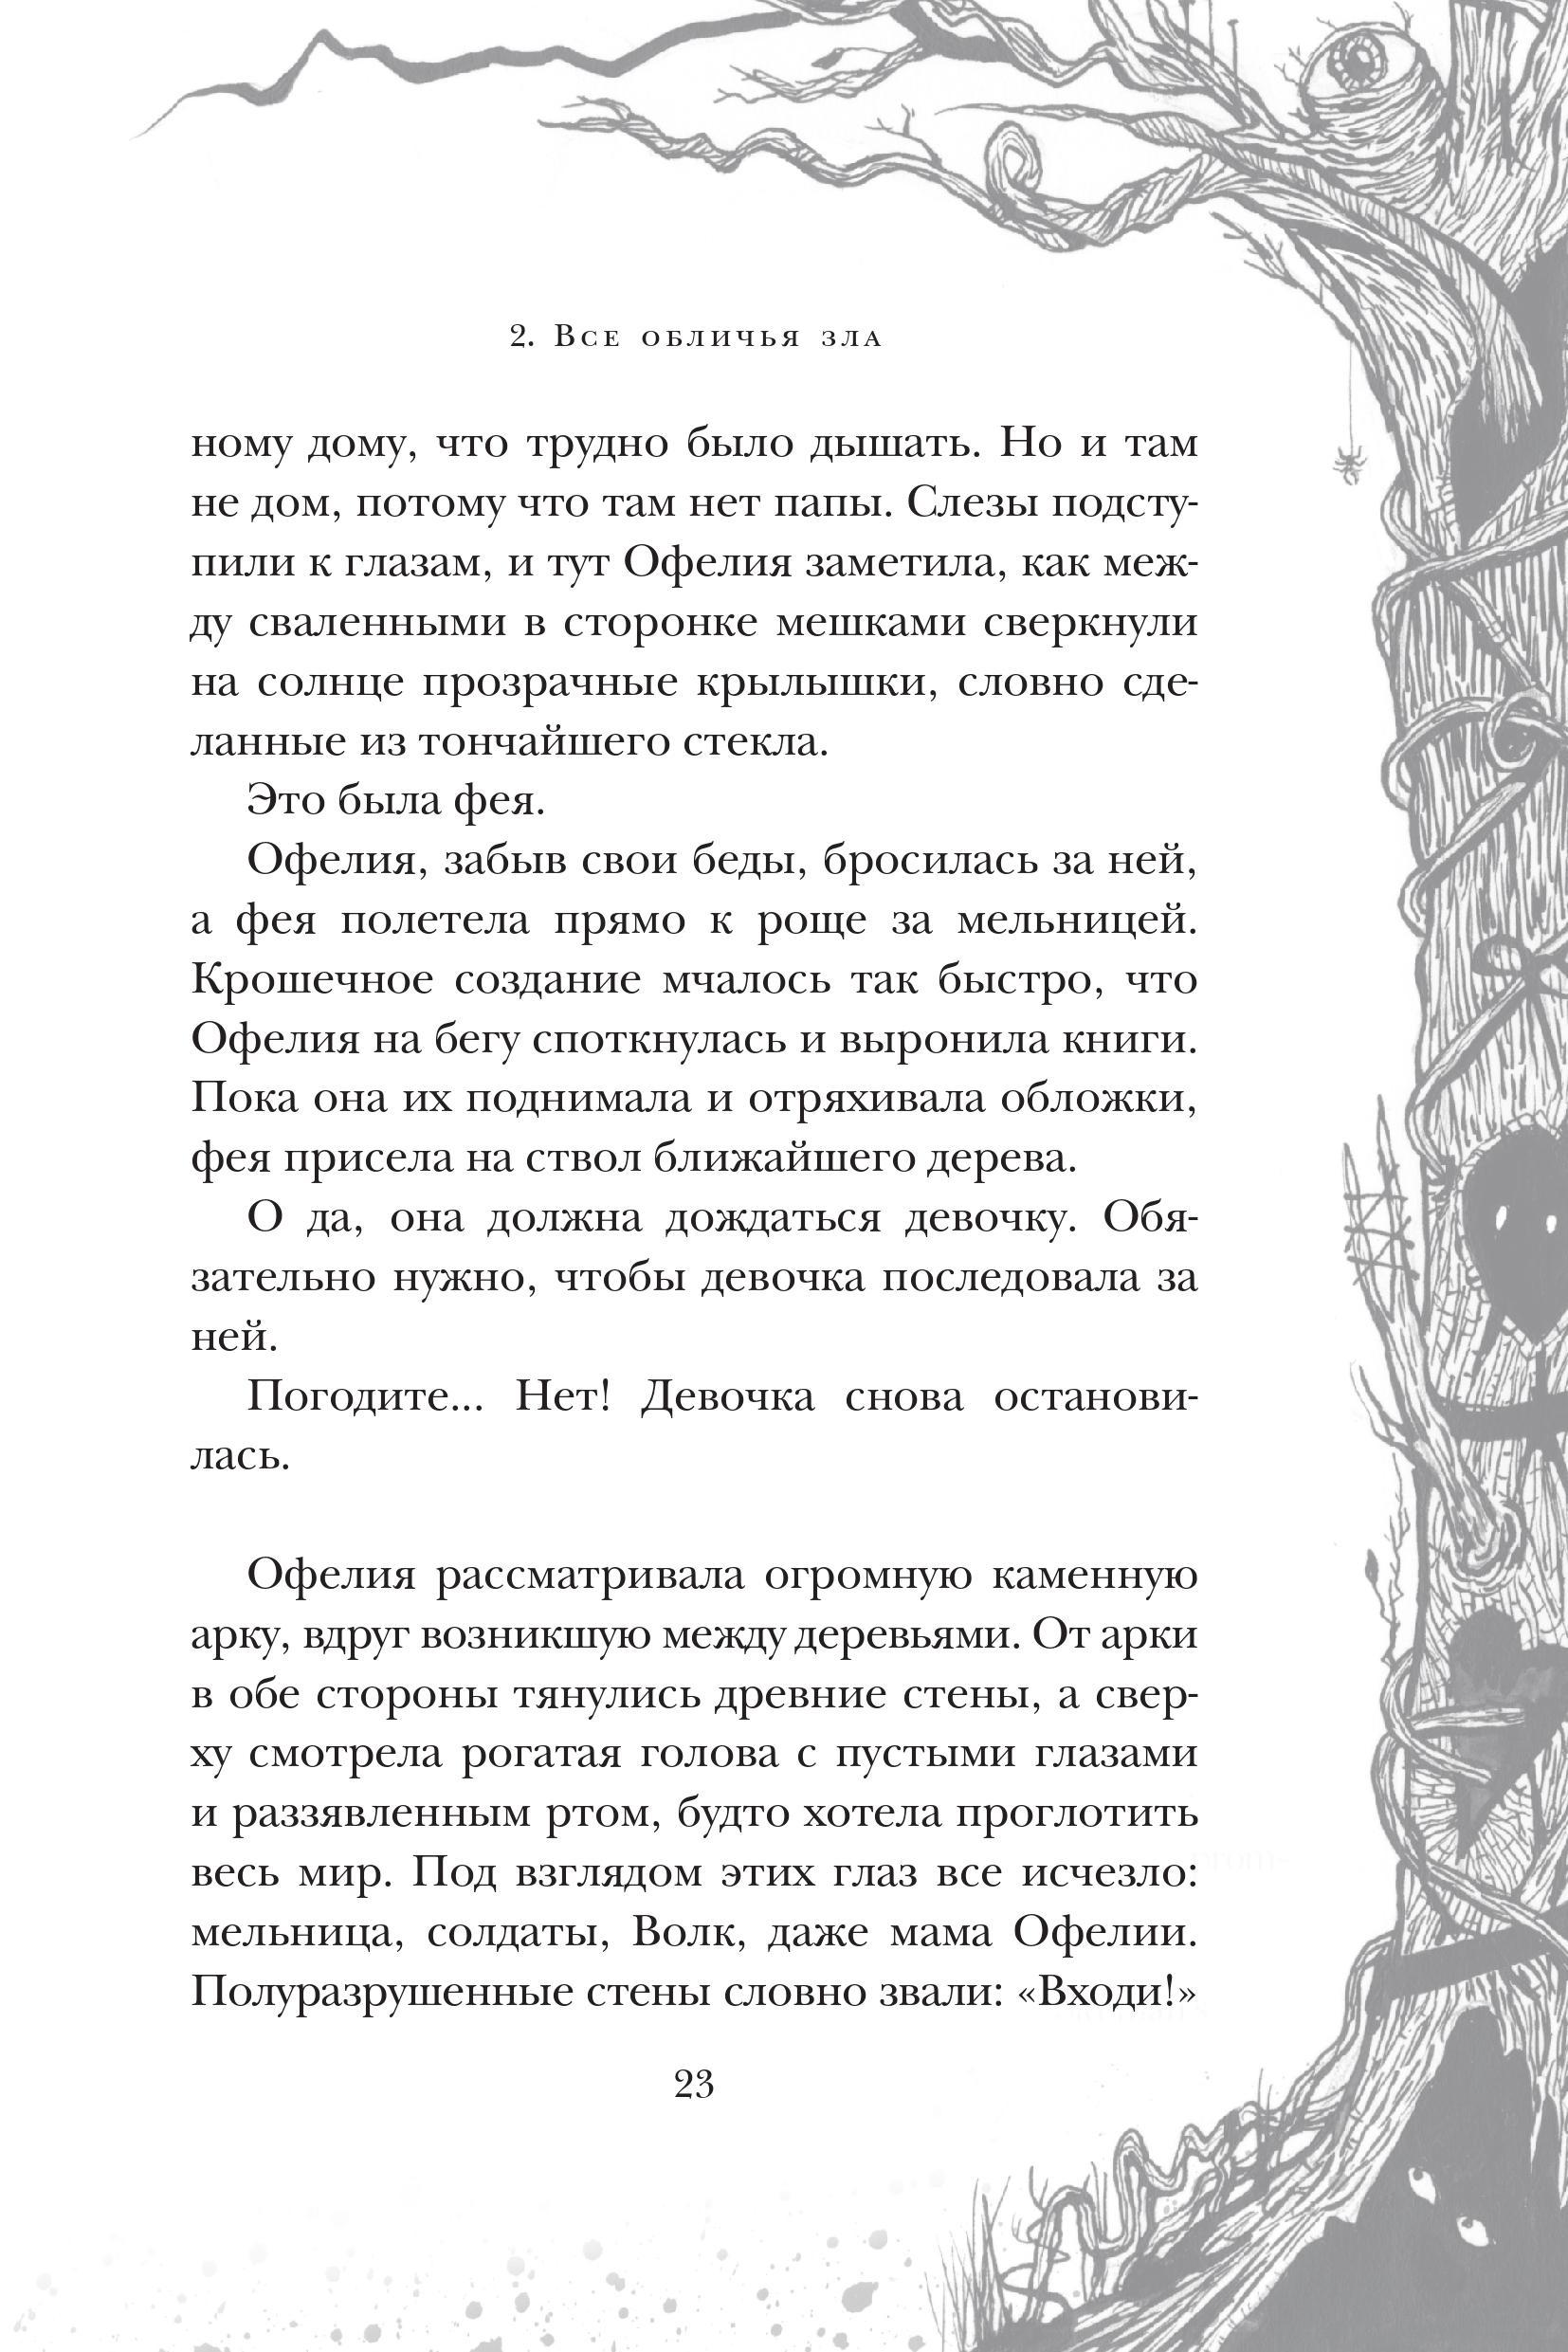 Мрачная сказка: отрывок из книги Гильермо Дель Торо и Корнелии Функе «Лабиринт Фавна» 15